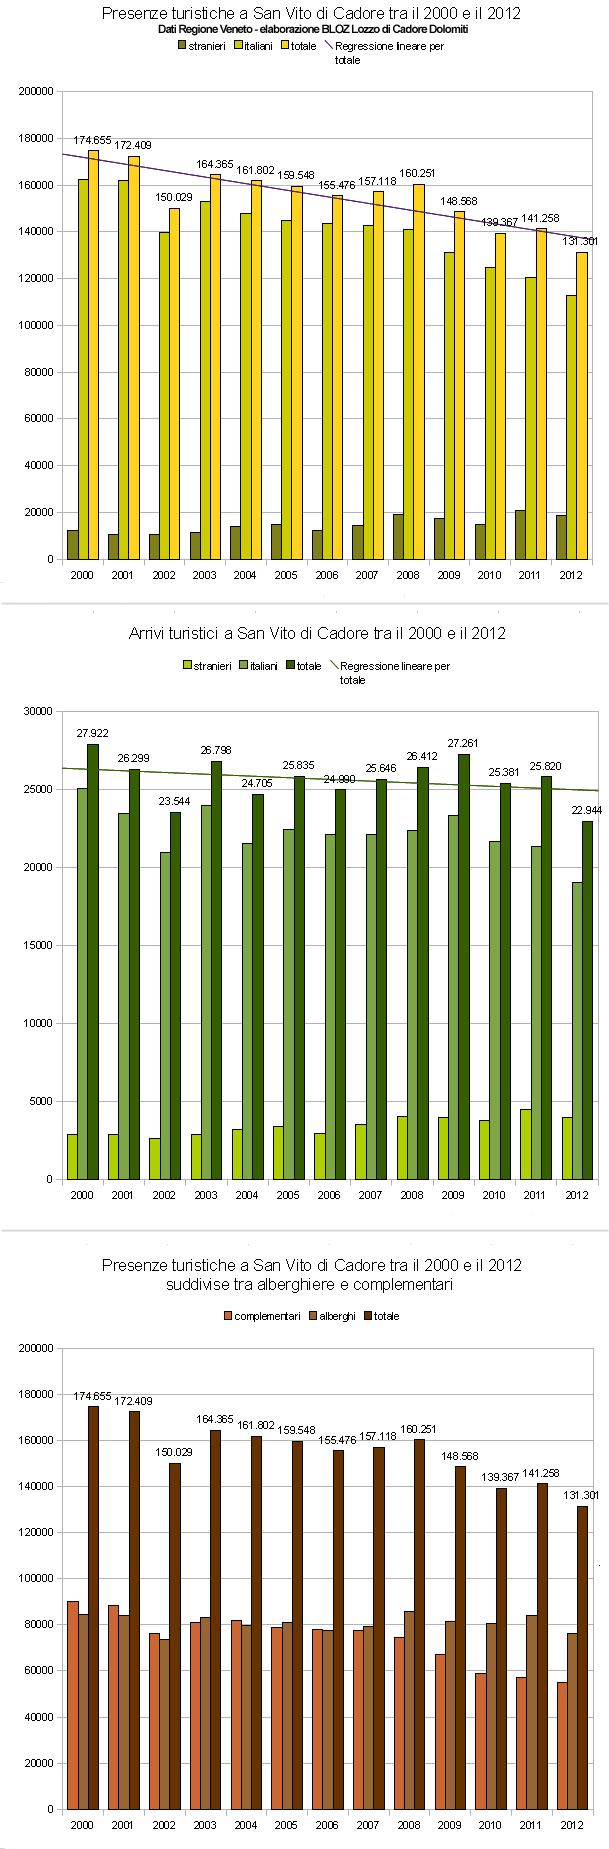 presenze e arrivi a San Vito di Cadore tra il 2000 e il 2012